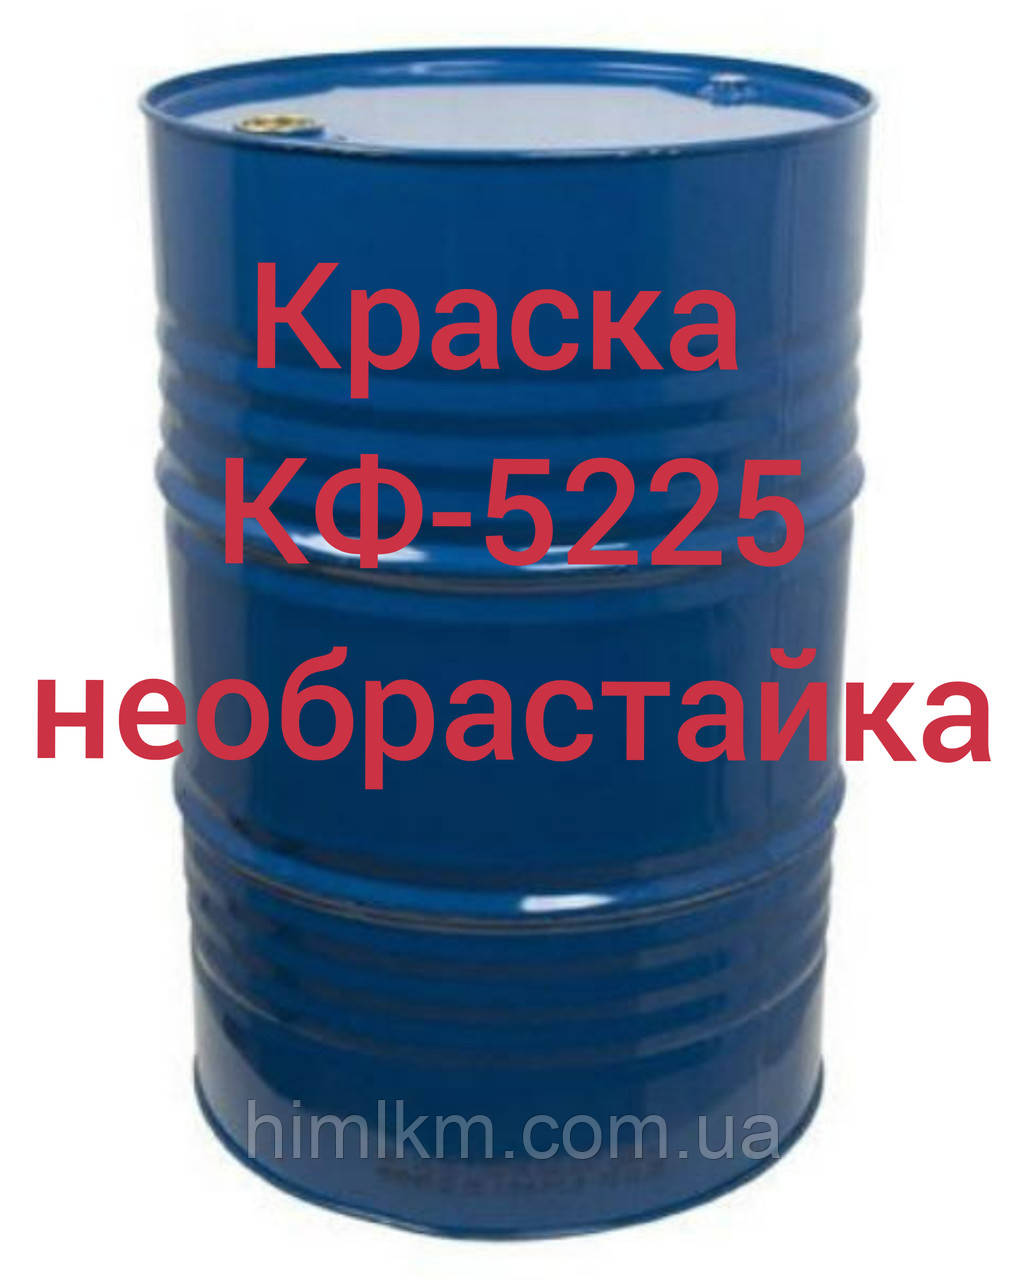 Эмаль КФ-5225 необрастайка для защиты от обрастания, коррозии подводной части судов